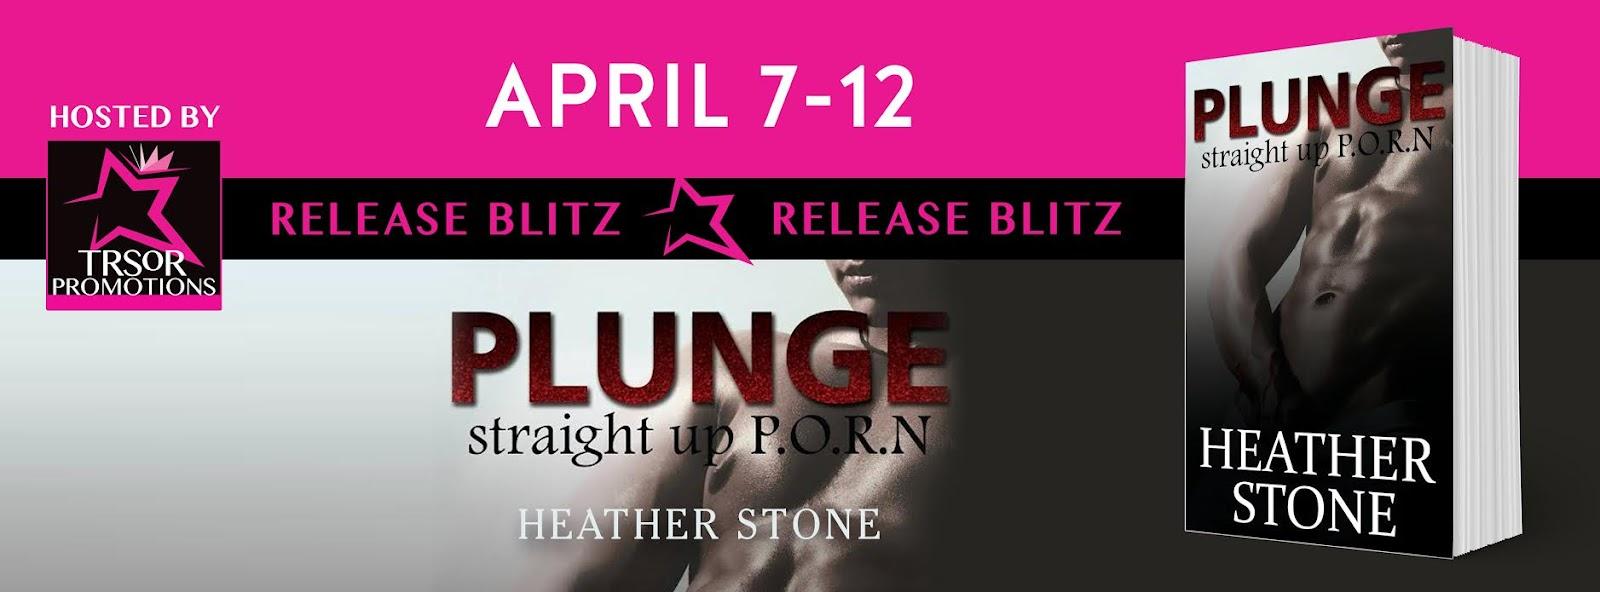 plunge release blitz.jpg